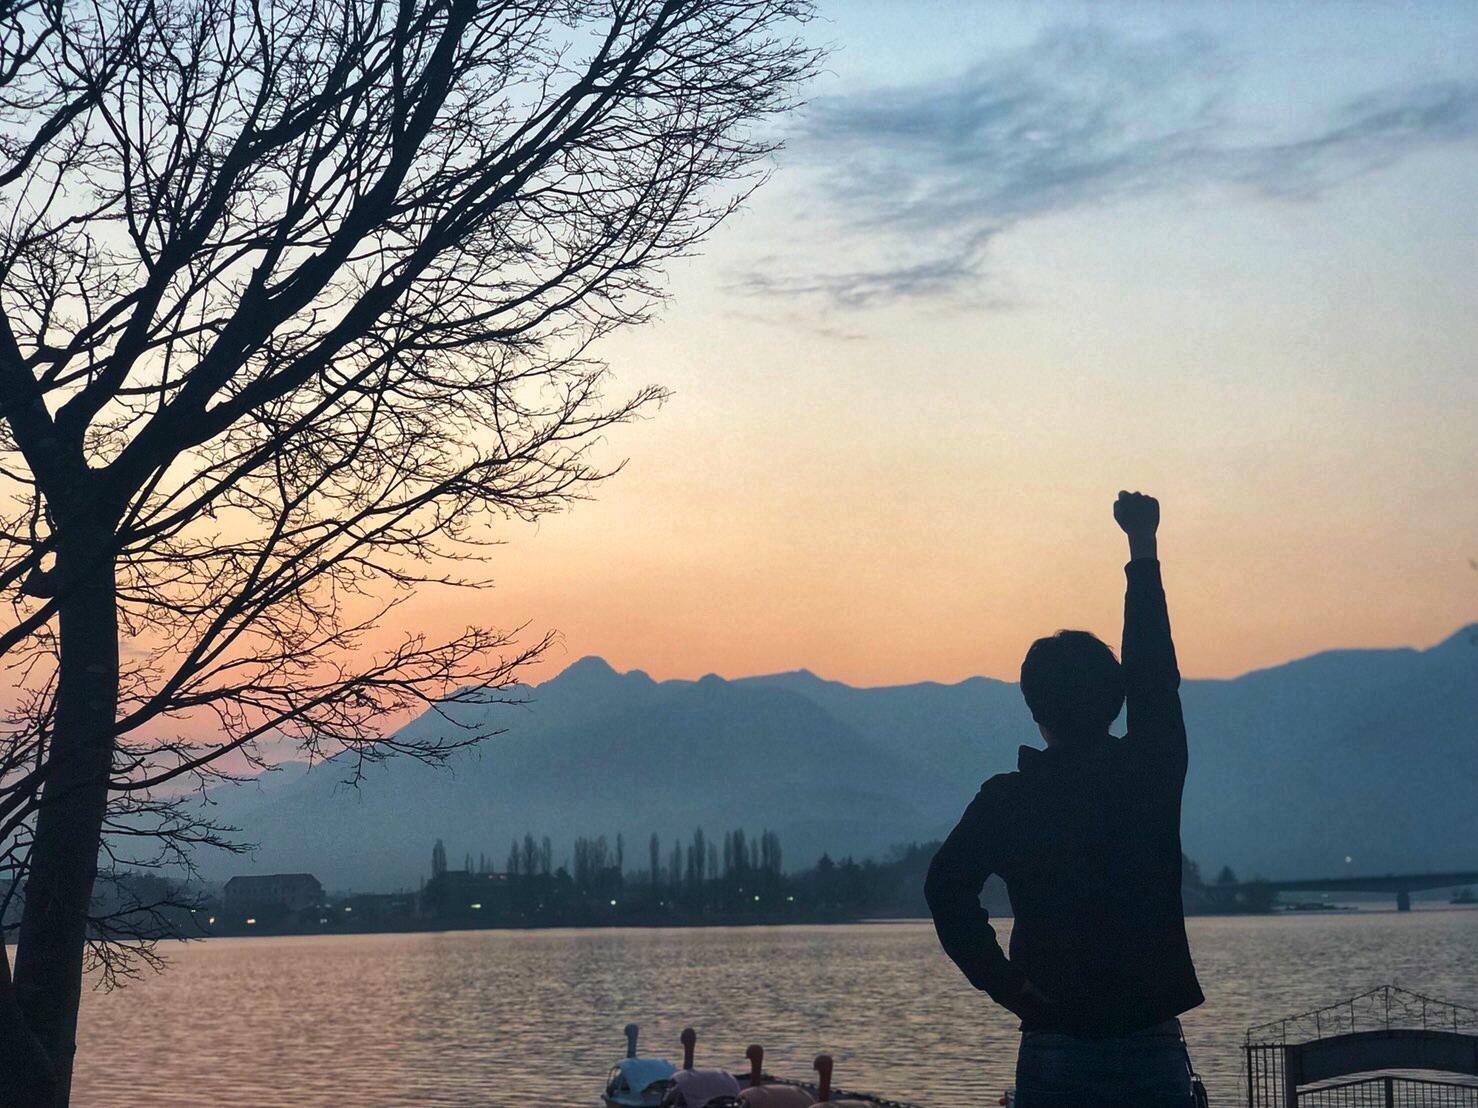 富士山周辺の観光スポット!富士急ハイランドから牧場まで